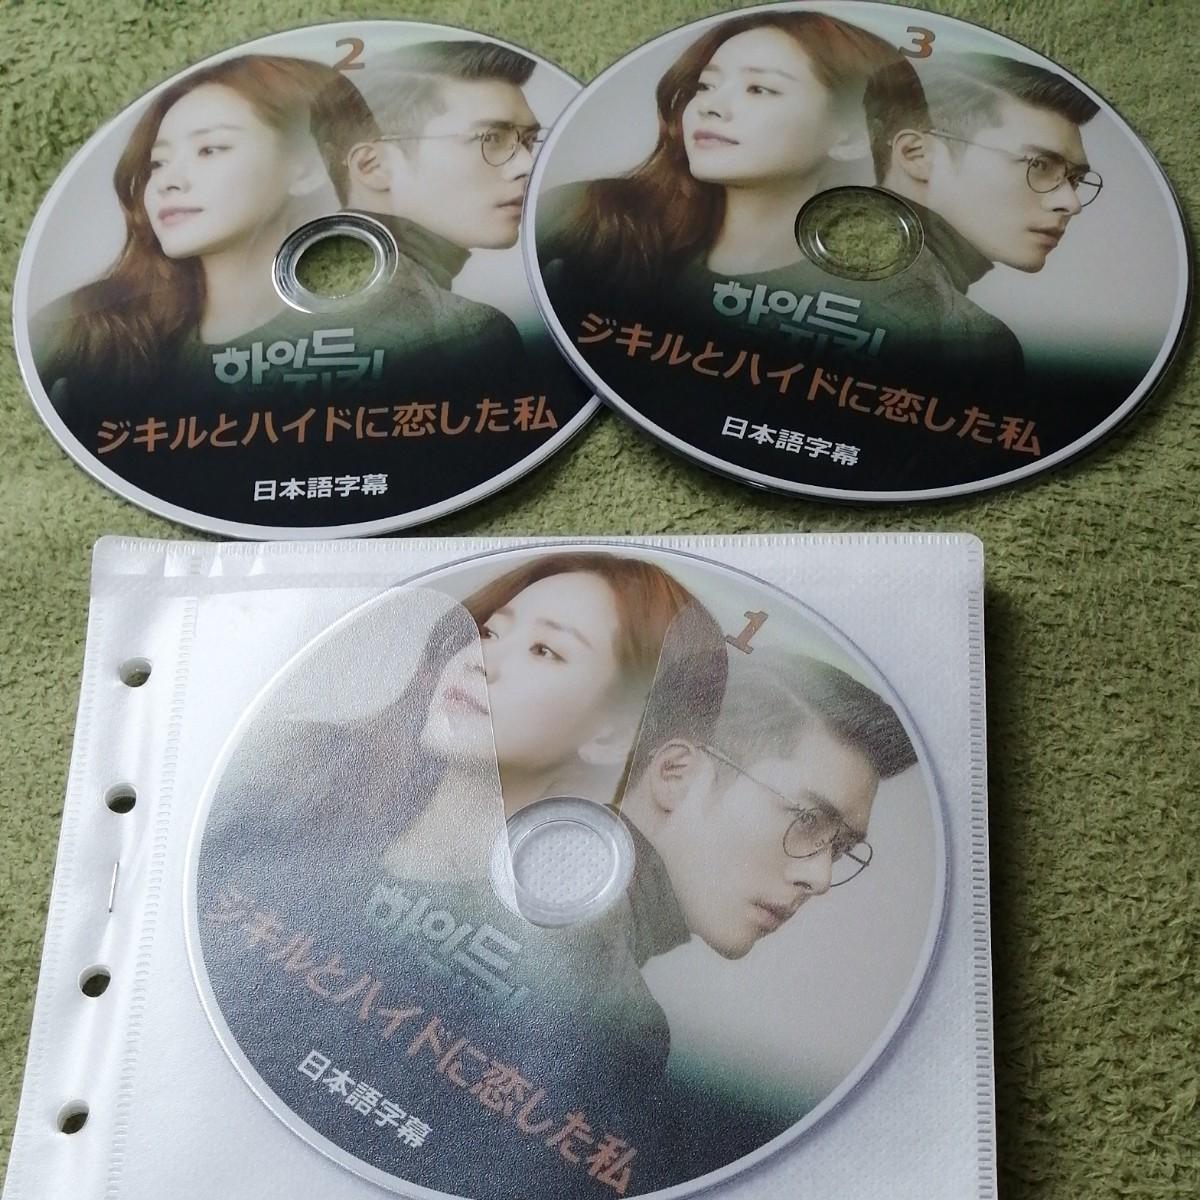 ジキルとハイドハイドに恋した私全話 DVD7枚